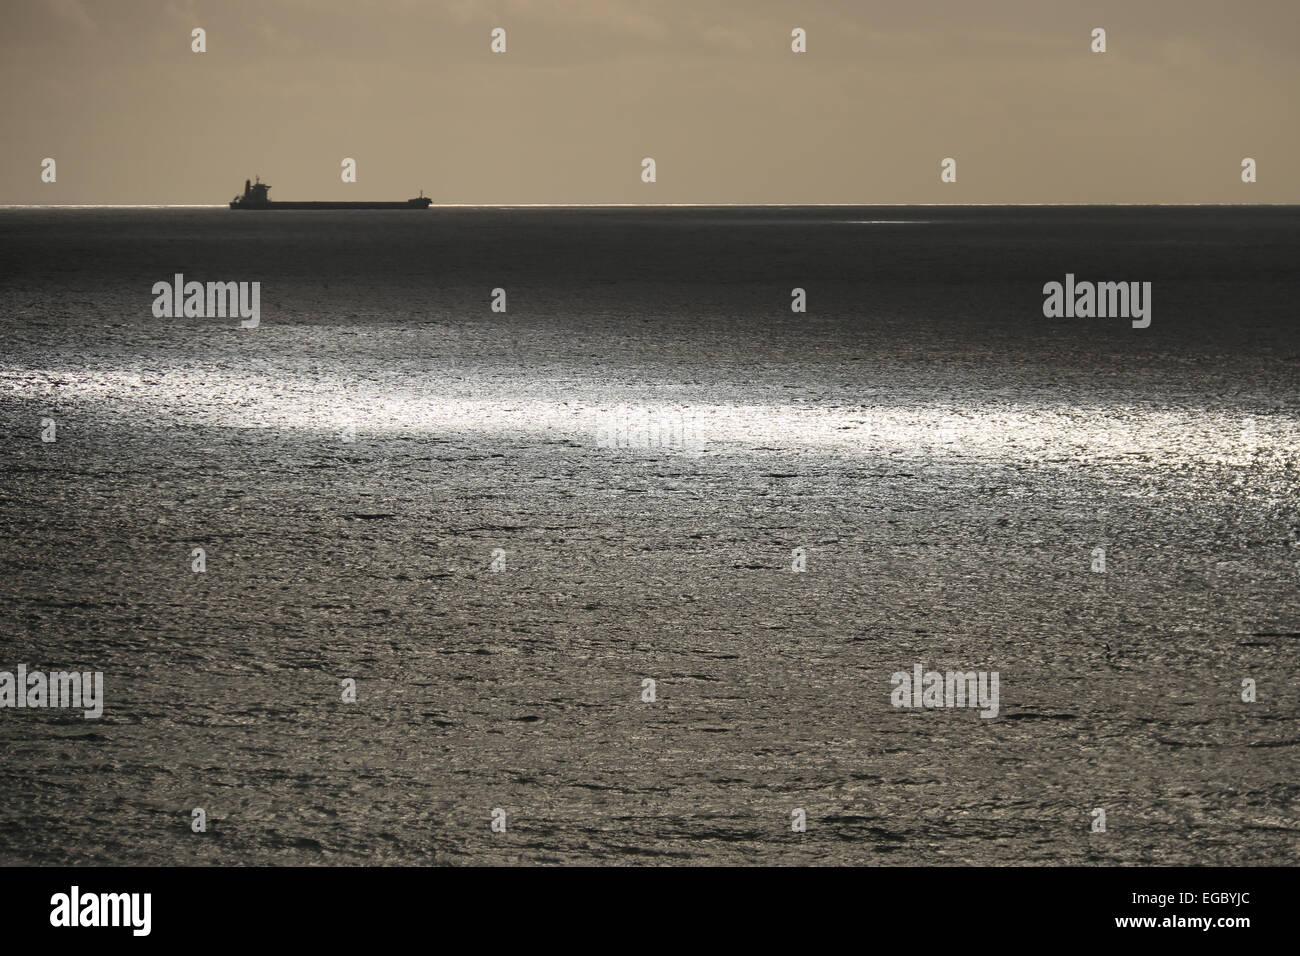 Oil tanker on horizon of sunlit sea - Stock Image